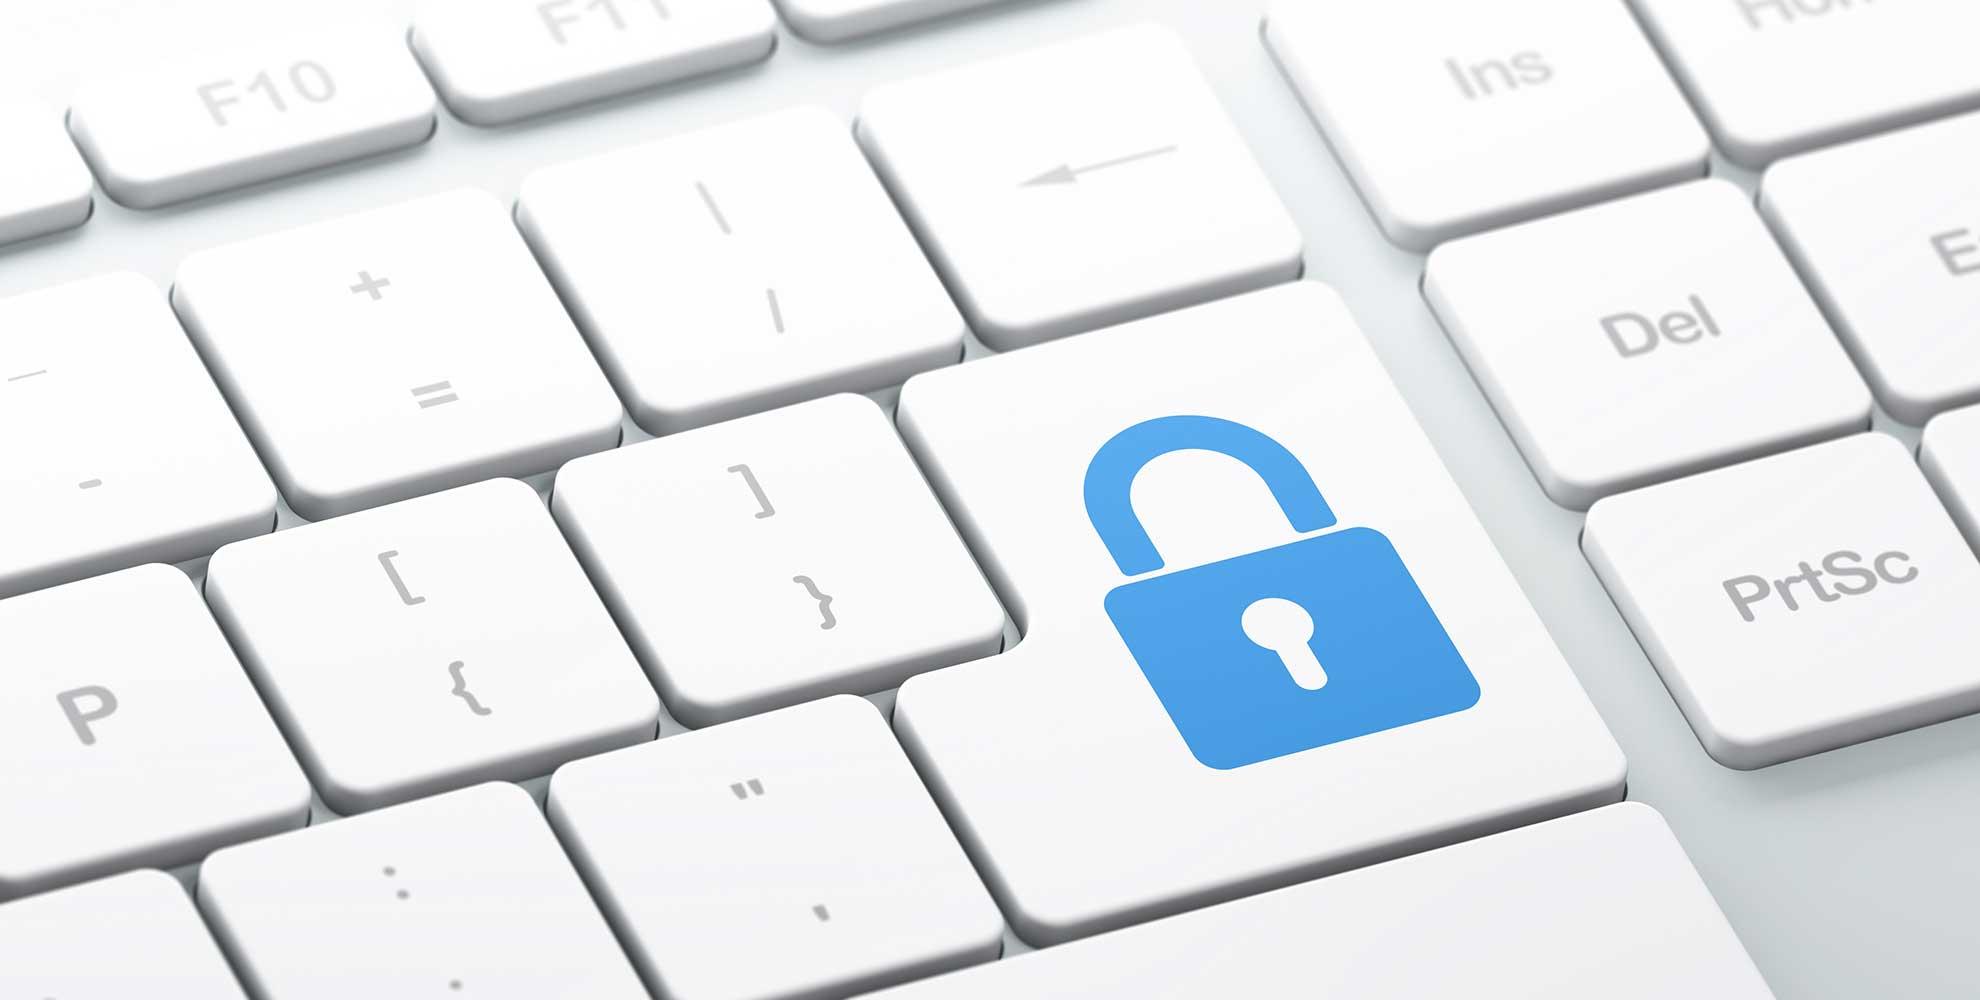 Printec-DS | Datenschutzerklärung